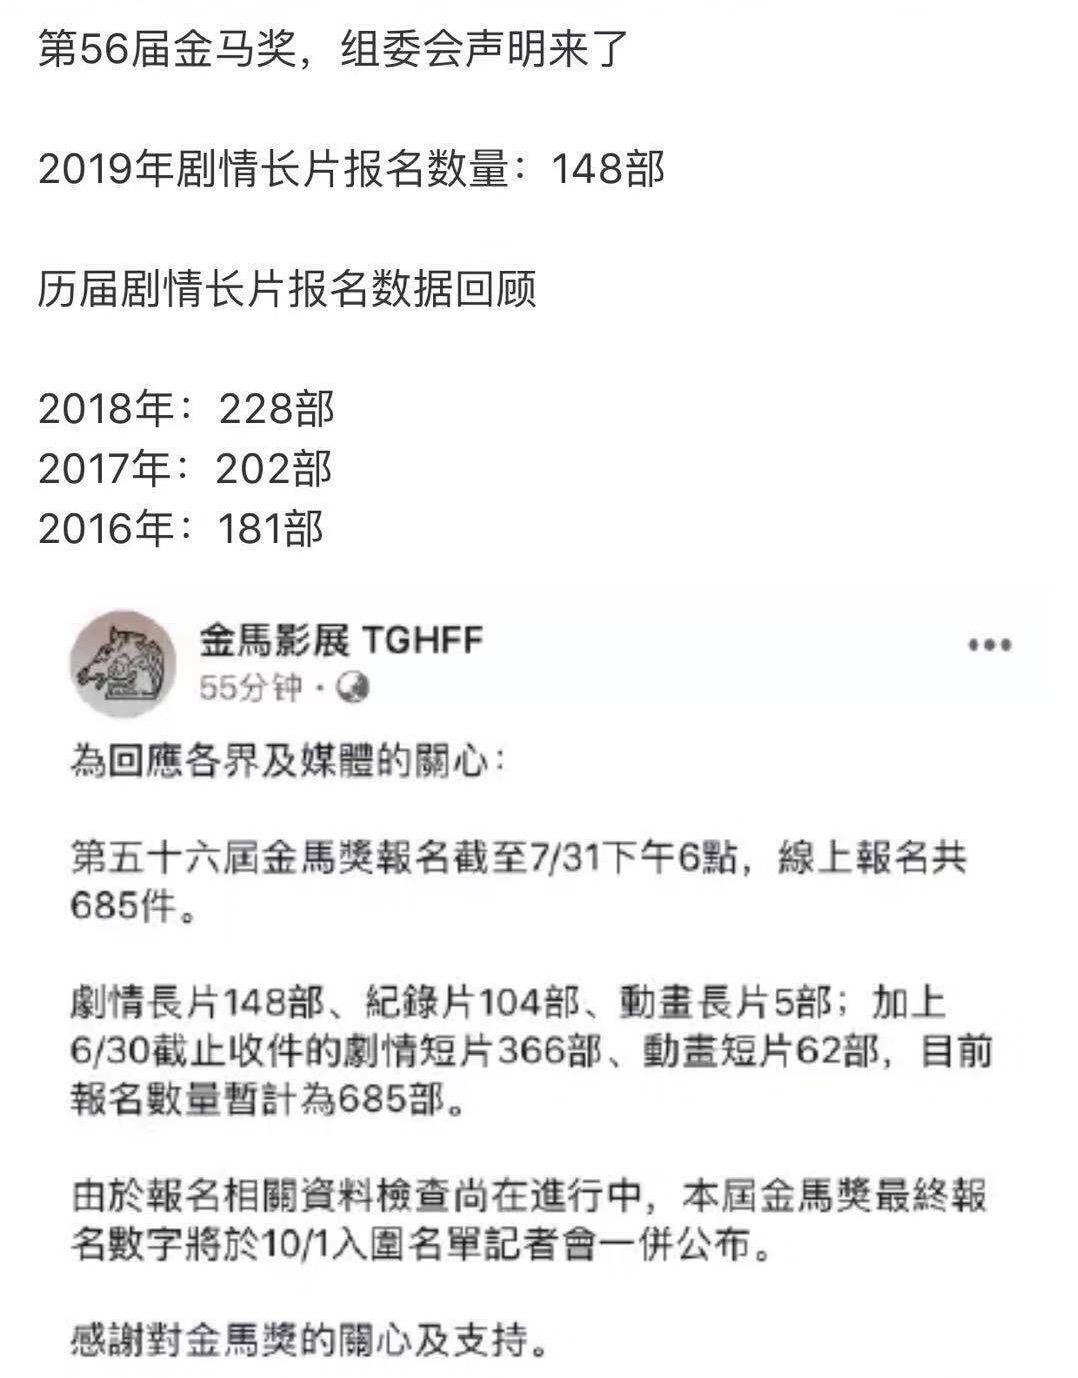 国家电影局:暂停大陆影片和人员参加2019年第56届台北金马影展